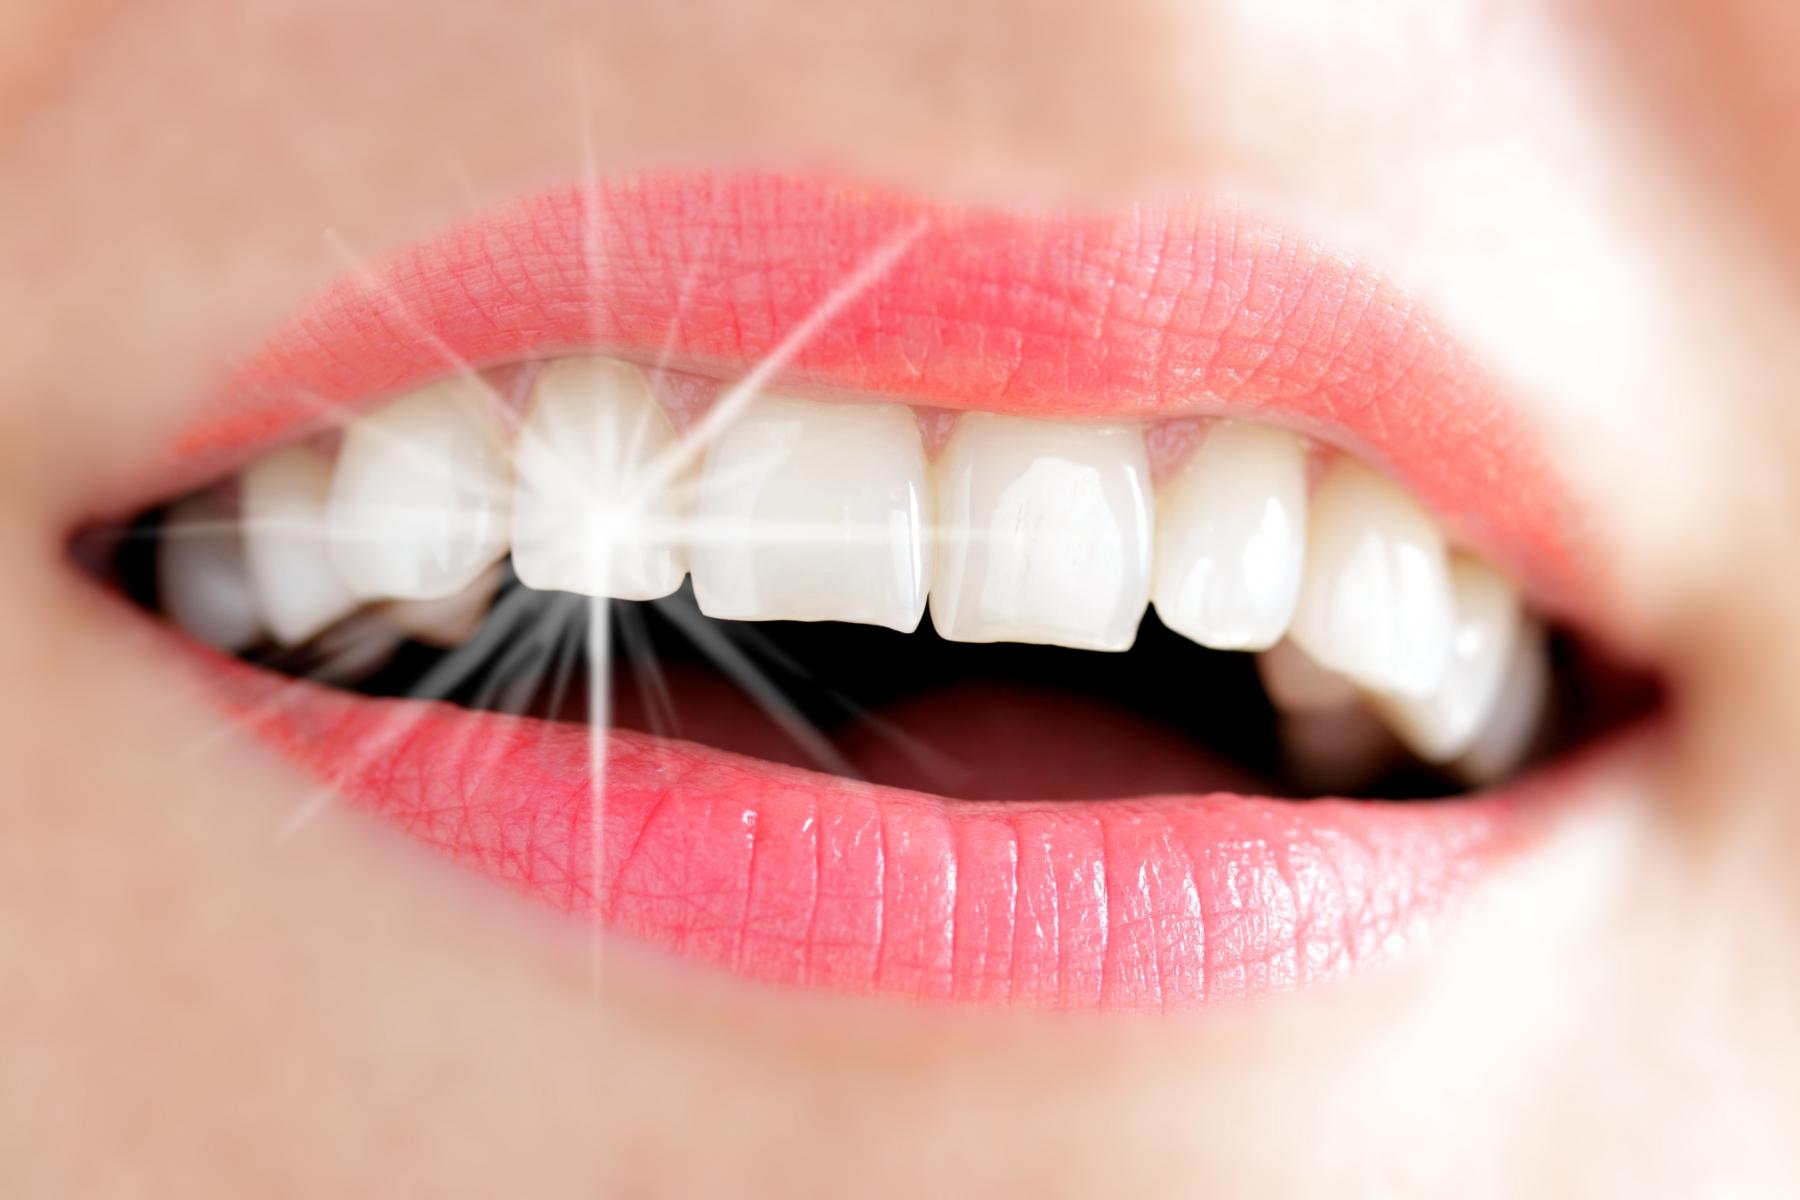 granulam dentar